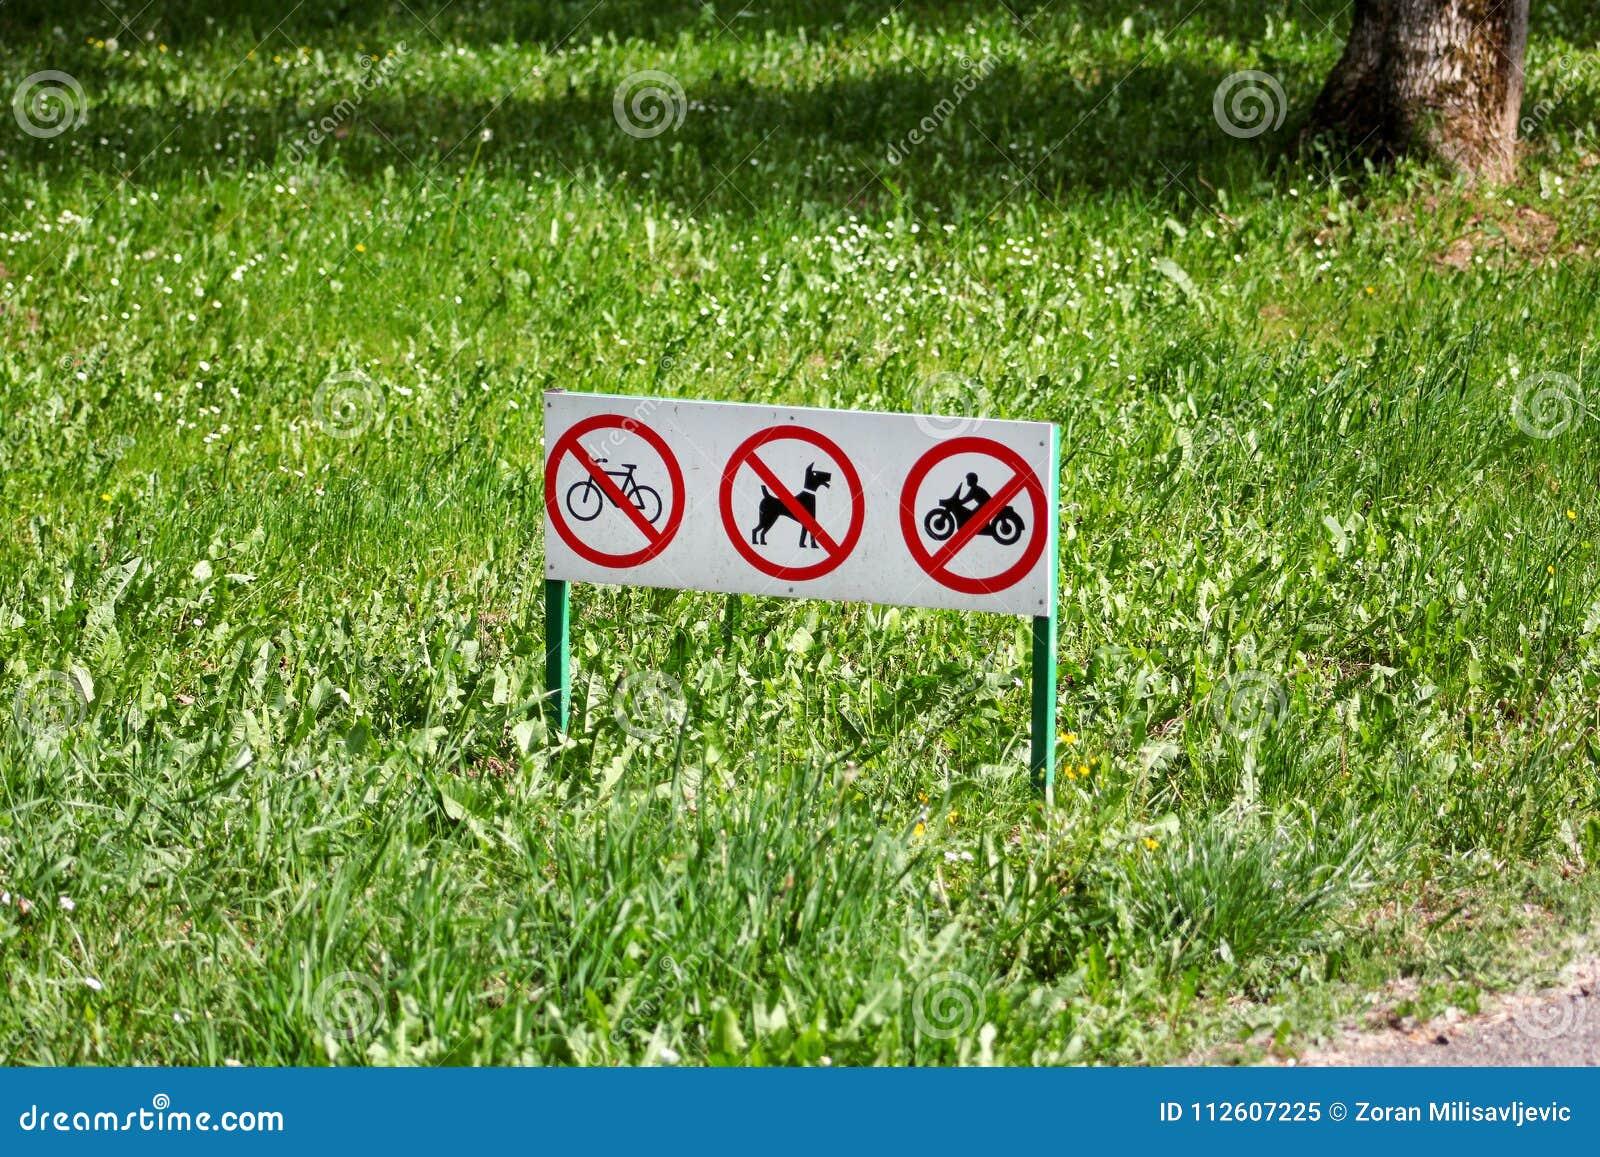 Το σημάδι κυκλοφορίας/τα σημάδια ή το σύμβολο καμίας αποβλήτου σκυλιών κατοικίδιων ζώων, ποδηλάτου και μοτοσικλέτας δεν επιτρέπον